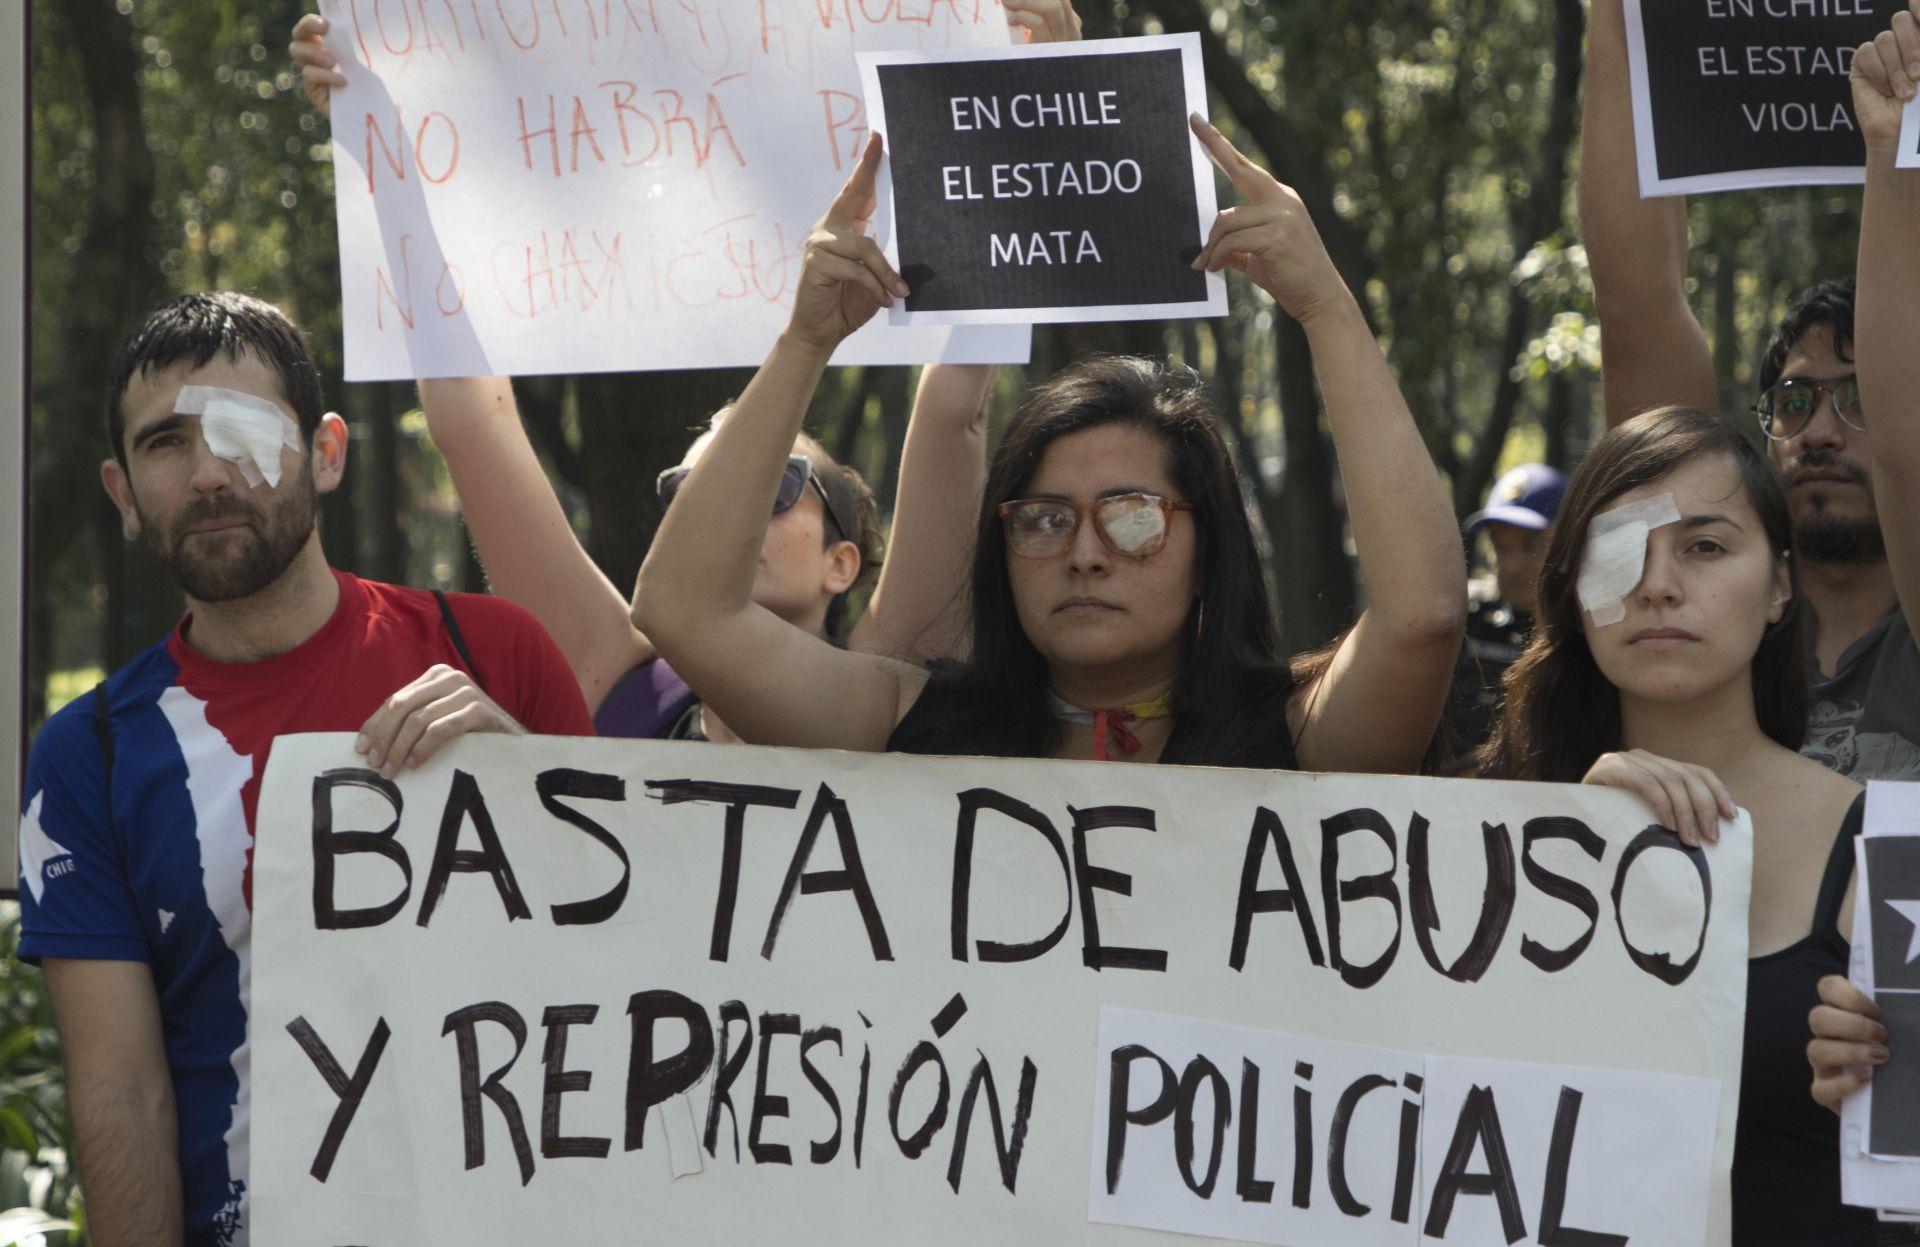 За месец по време на протестите в Чили  са загинали 22 души, от които петима вследствие на интервенция на силите на реда.